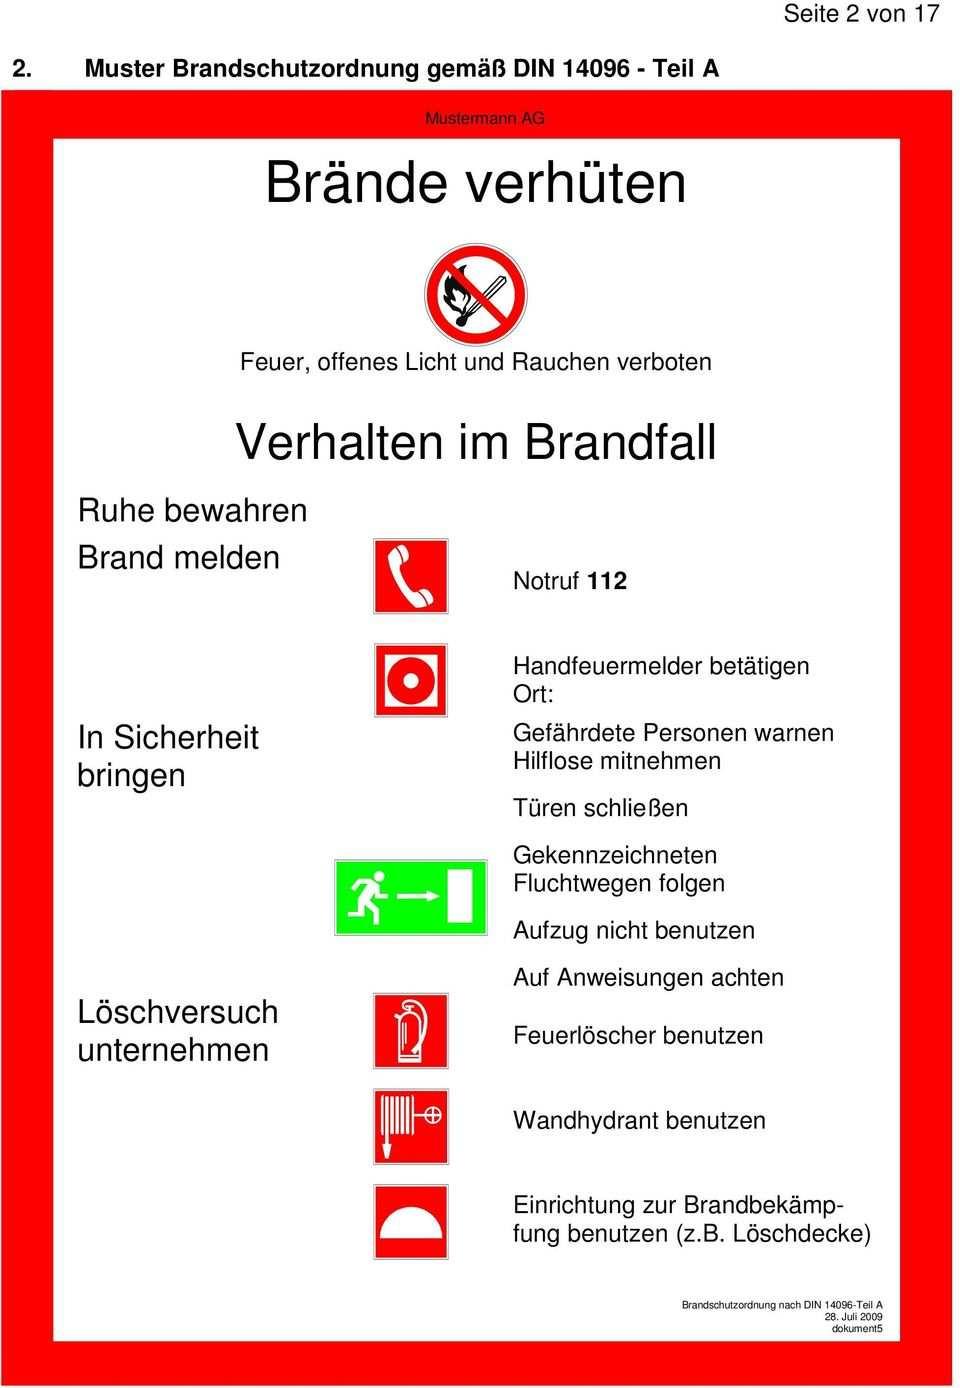 In Der Din Brandschutzordnung Wird Eine Aufteilung In 3 Teile Vorgenommen Teil A Teil B Und Teil C Pdf Kostenfreier Download